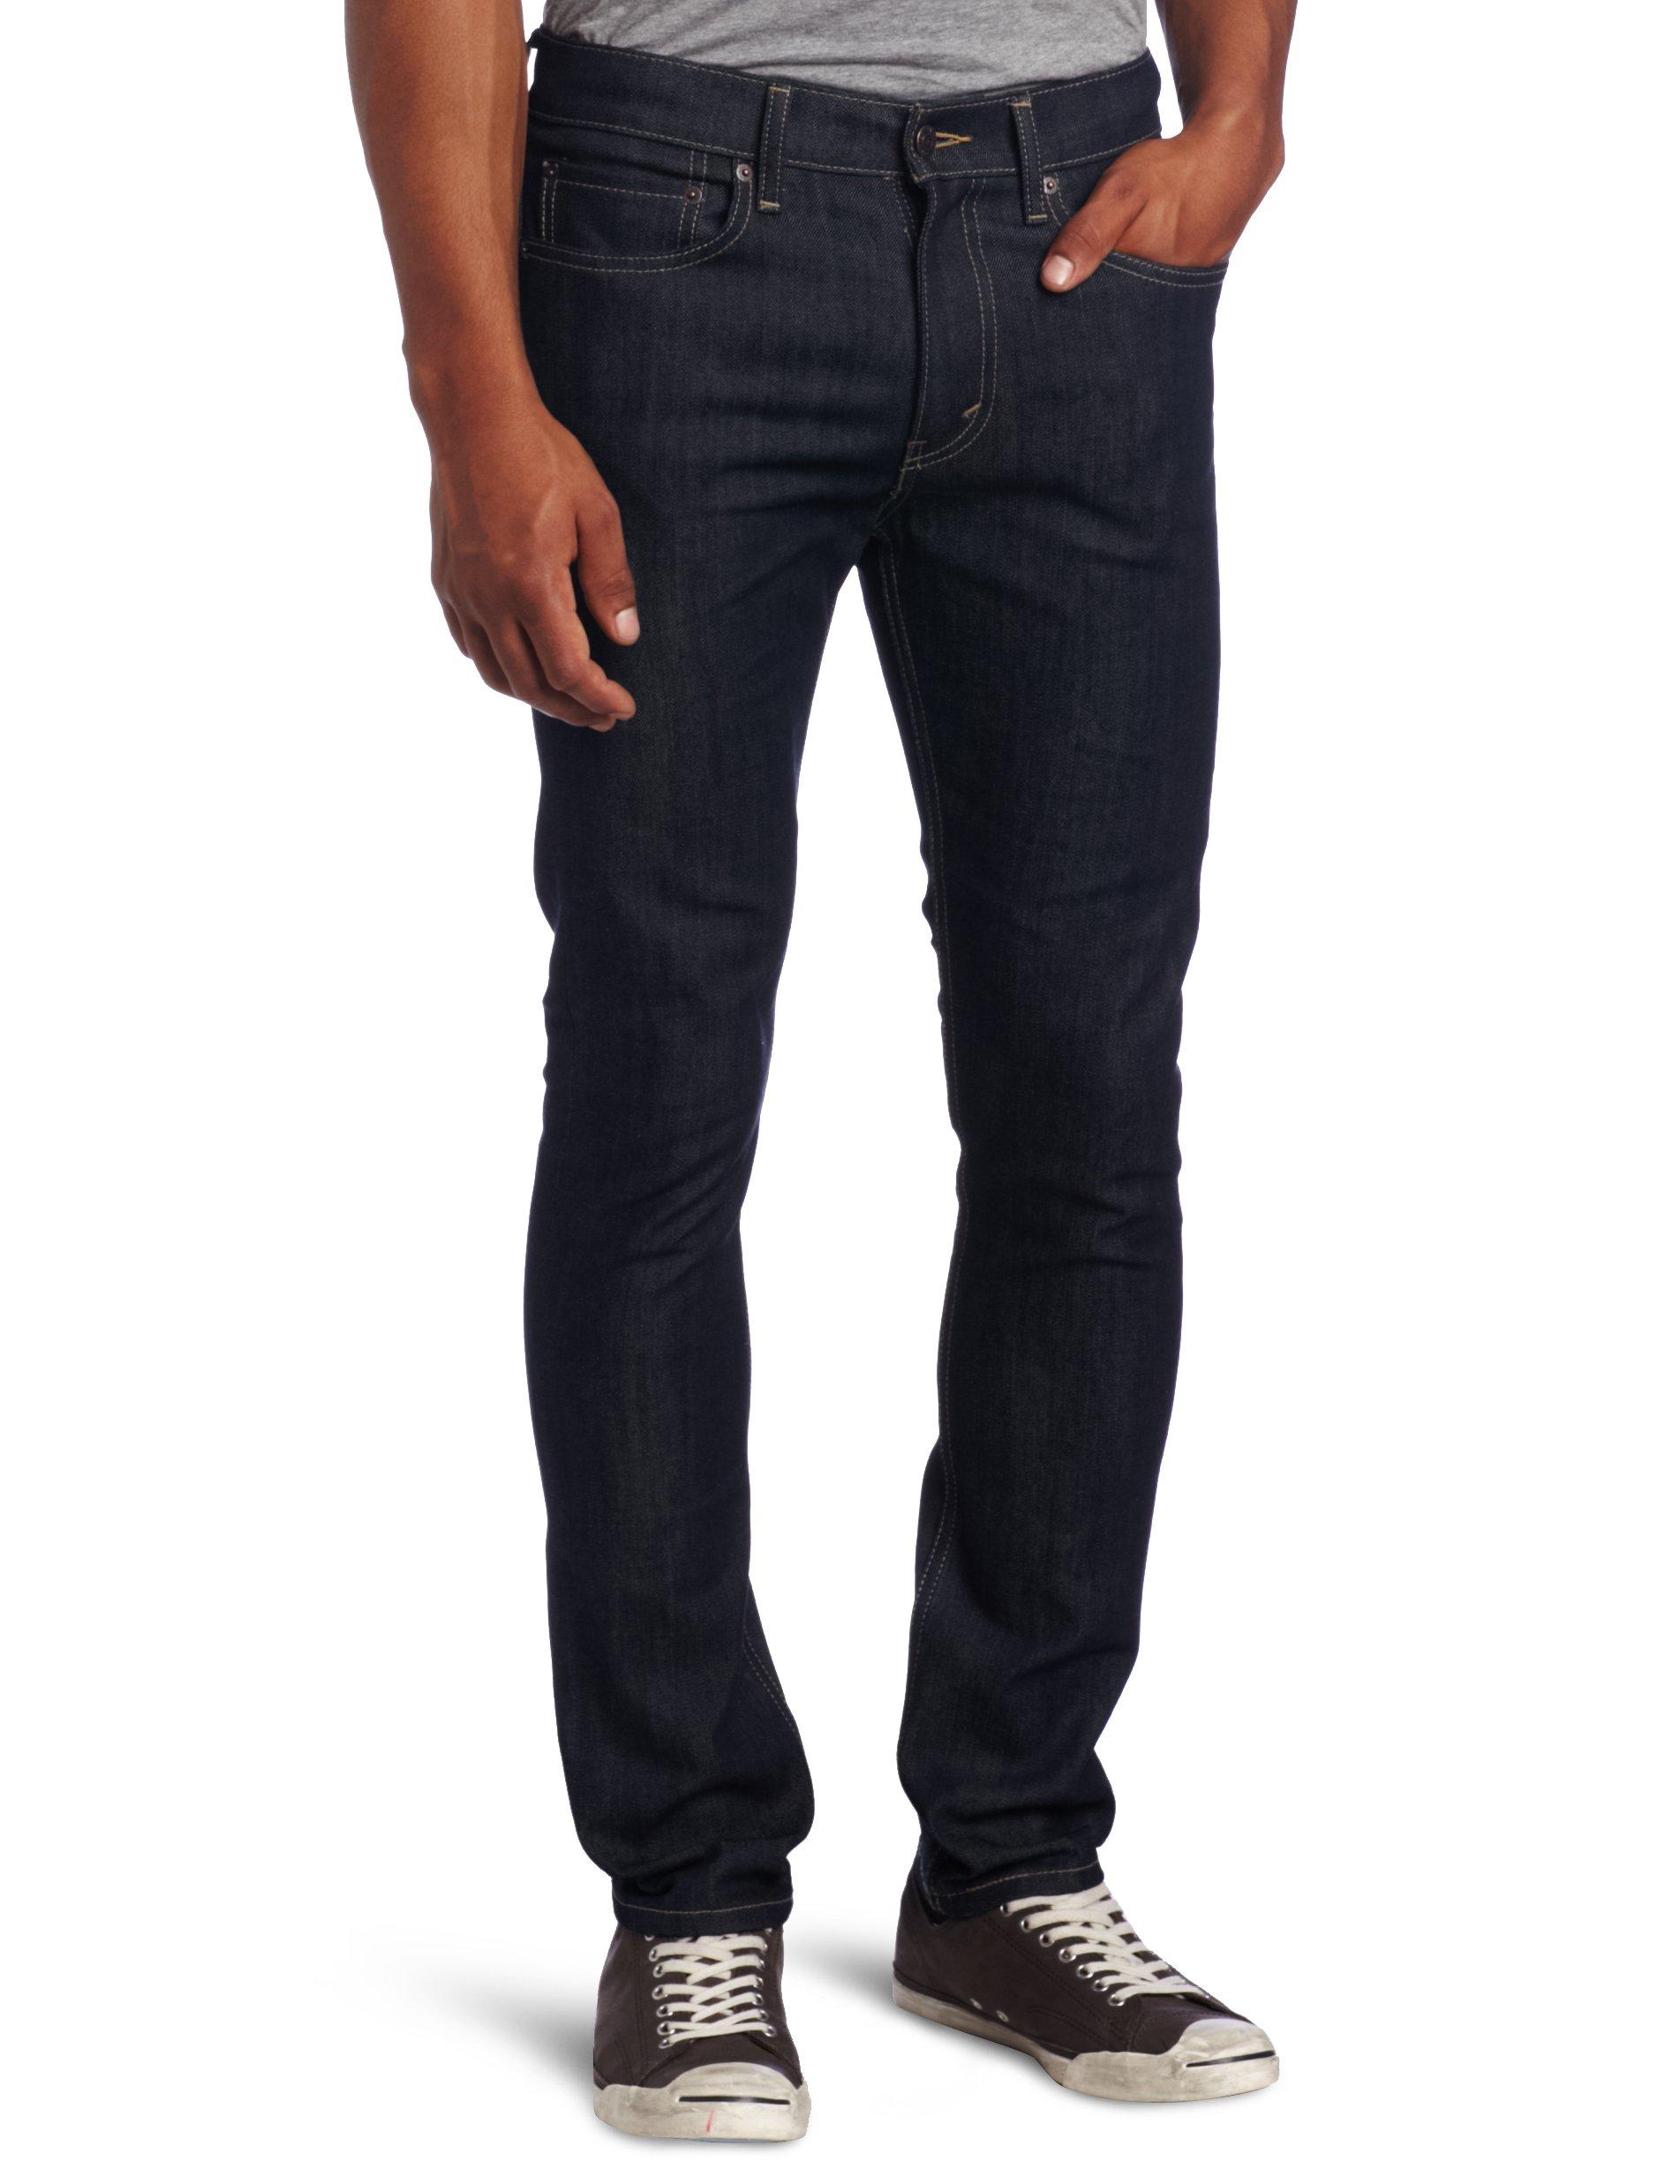 Levi's Men's 510 Skinny Fit Jean, Rigid Stretch, 29x32